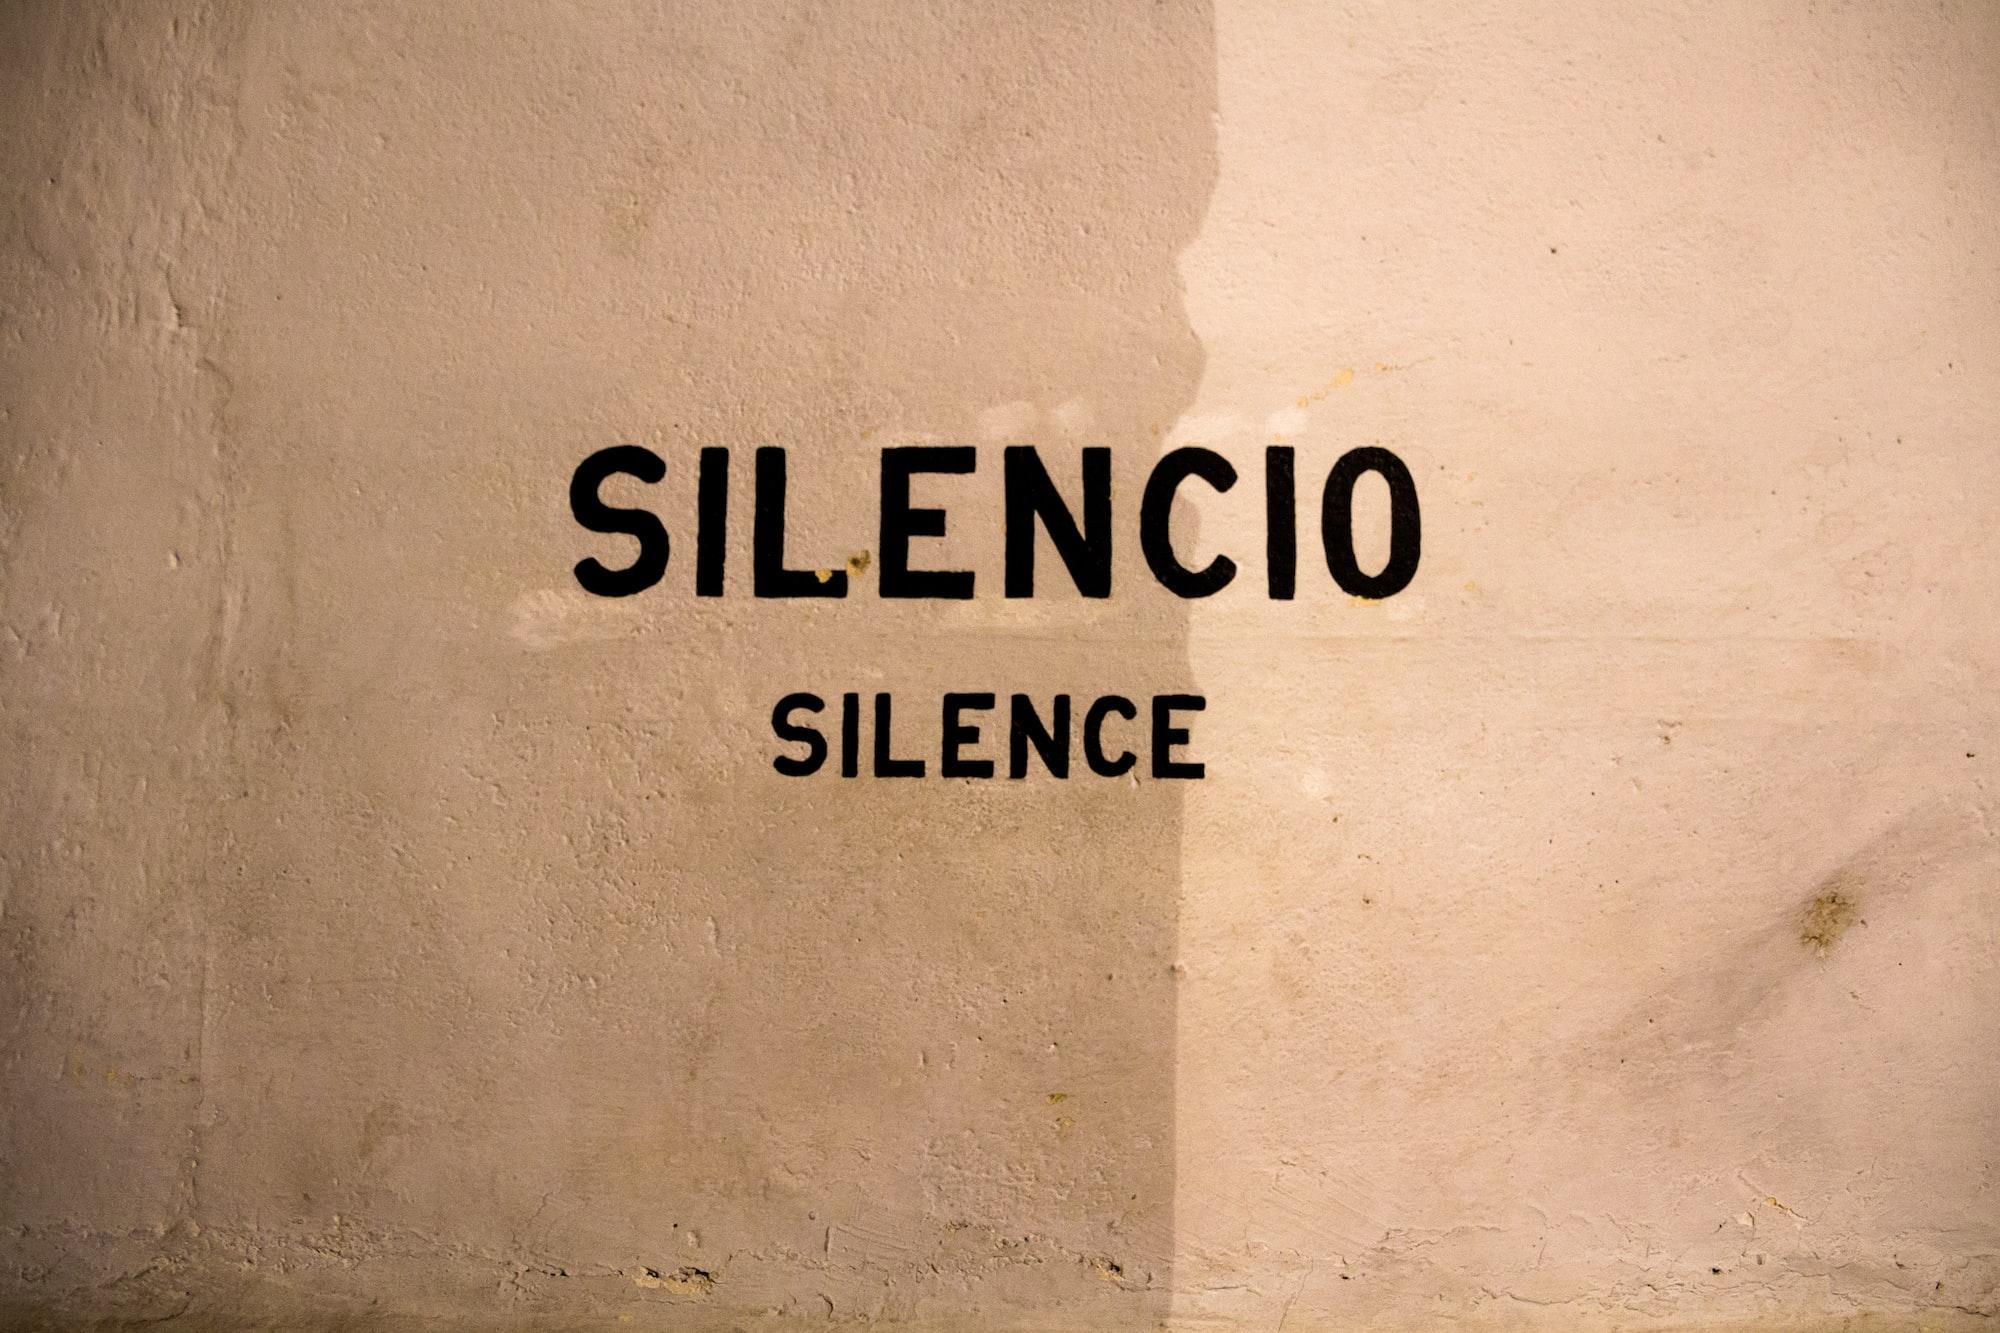 eterno ficando em silêncio